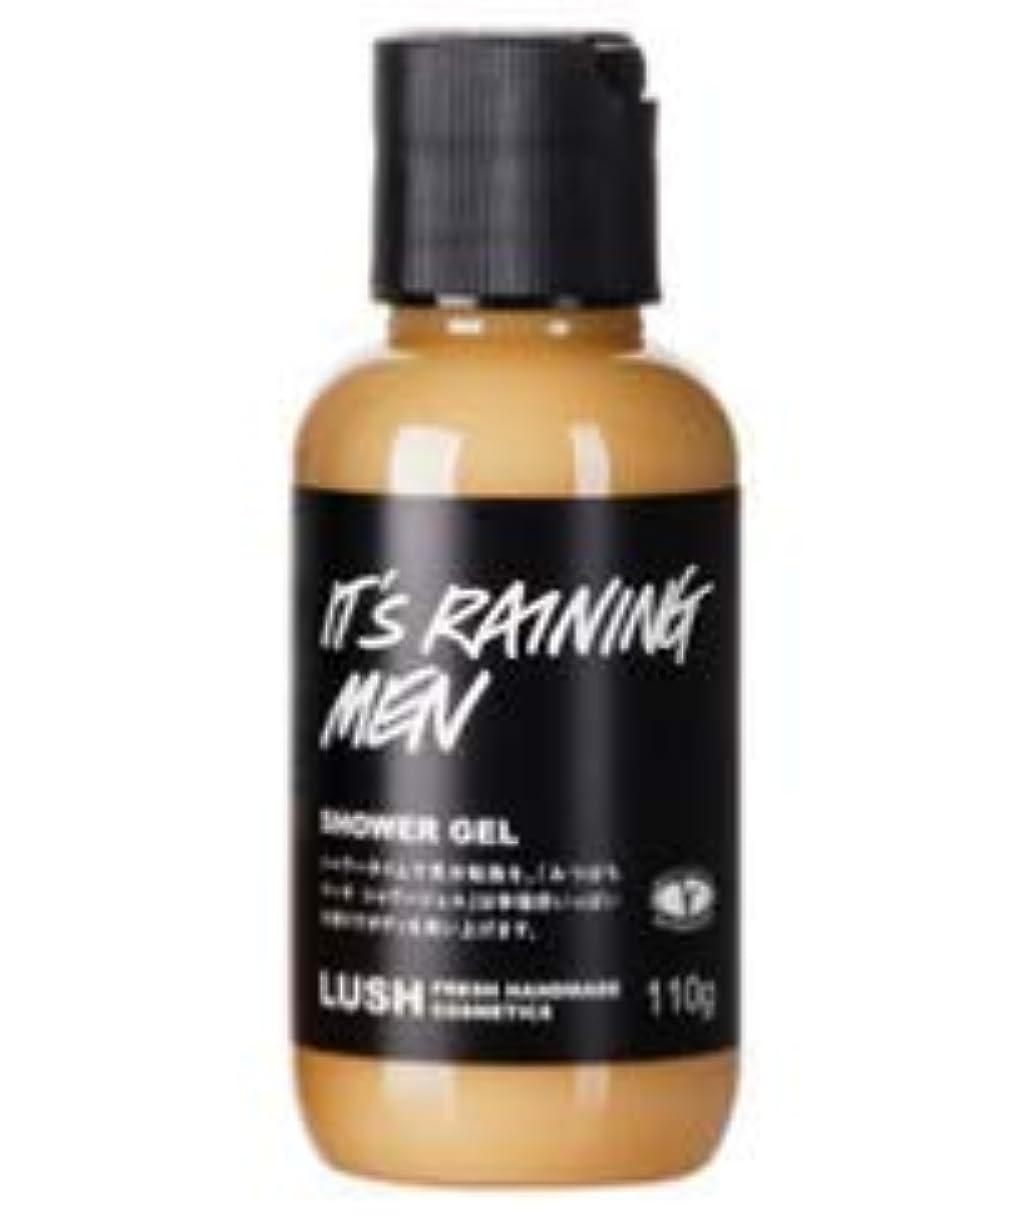 ライド流星ロールLUSH ラッシュ みつばちマーチ シャワージェル It's Raining Men 甘い香り 浴用化粧品 ボディソープ 自然派化粧品 天然成分 ベルガモット ハチミツ (110g)